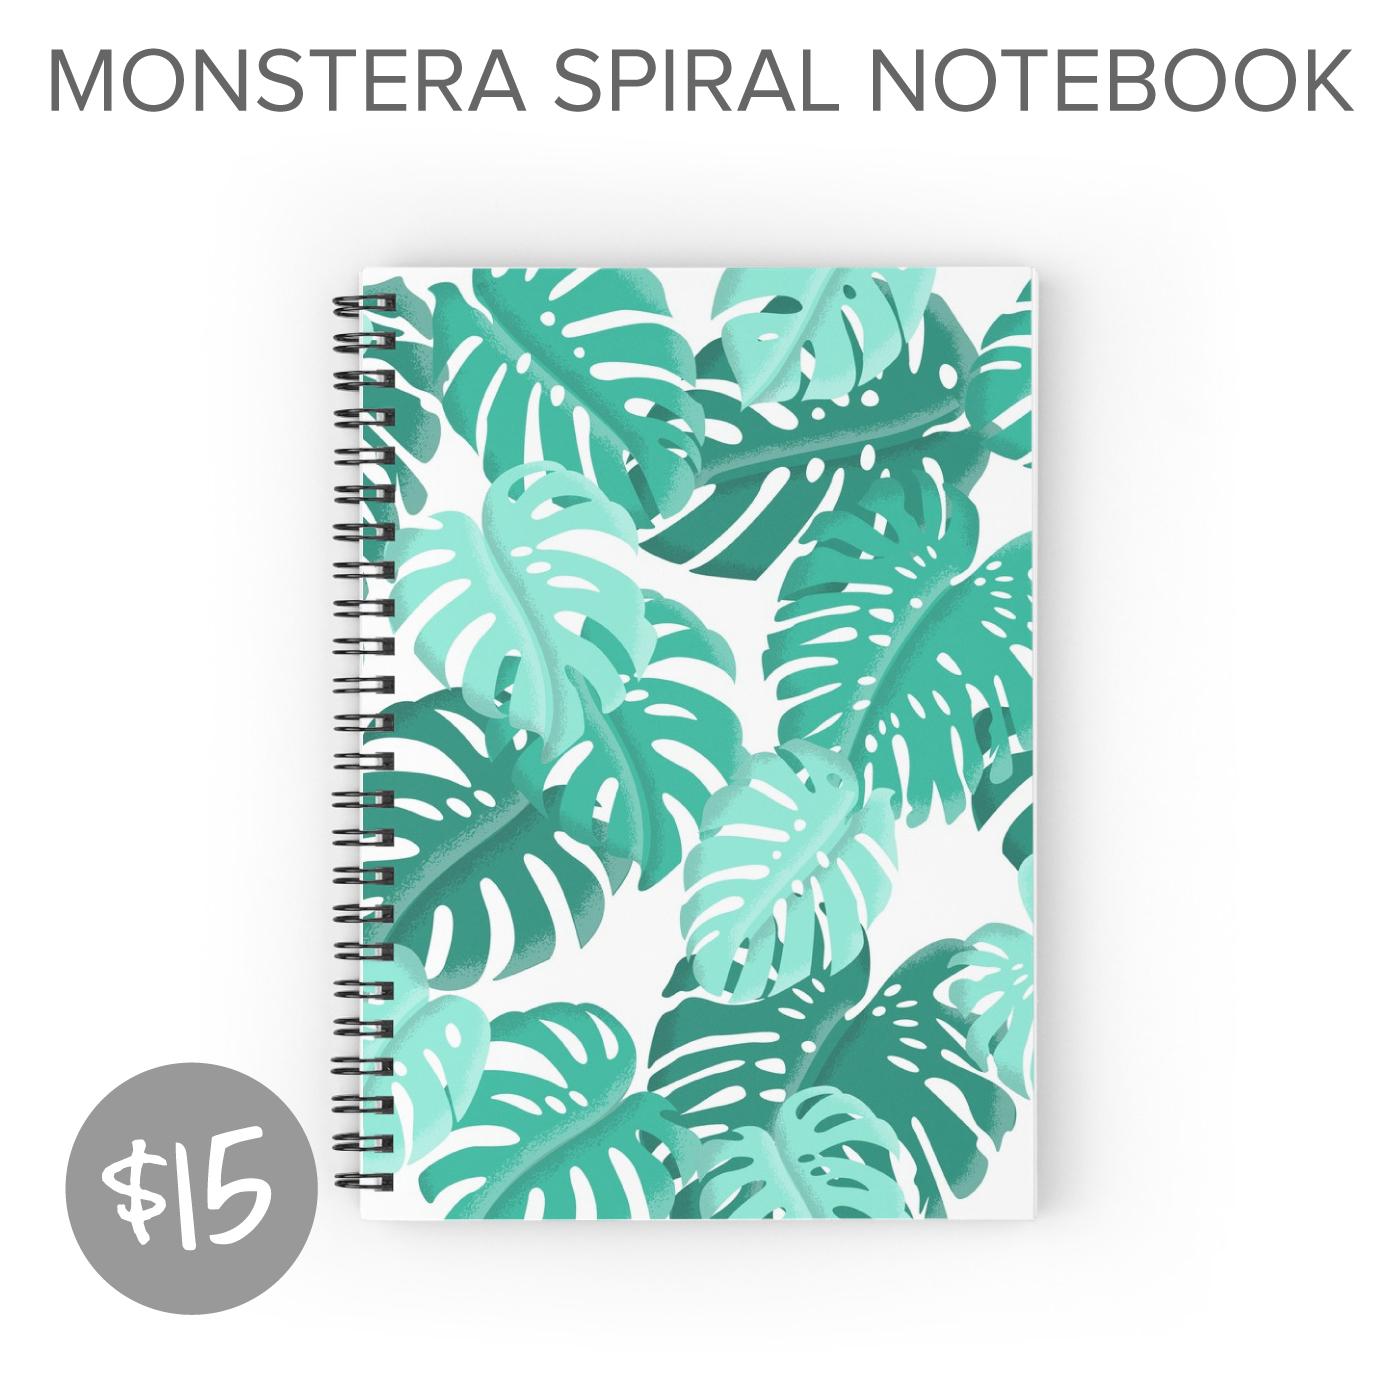 MONSTERA-SPIRAL-NOTEBOOK.jpg